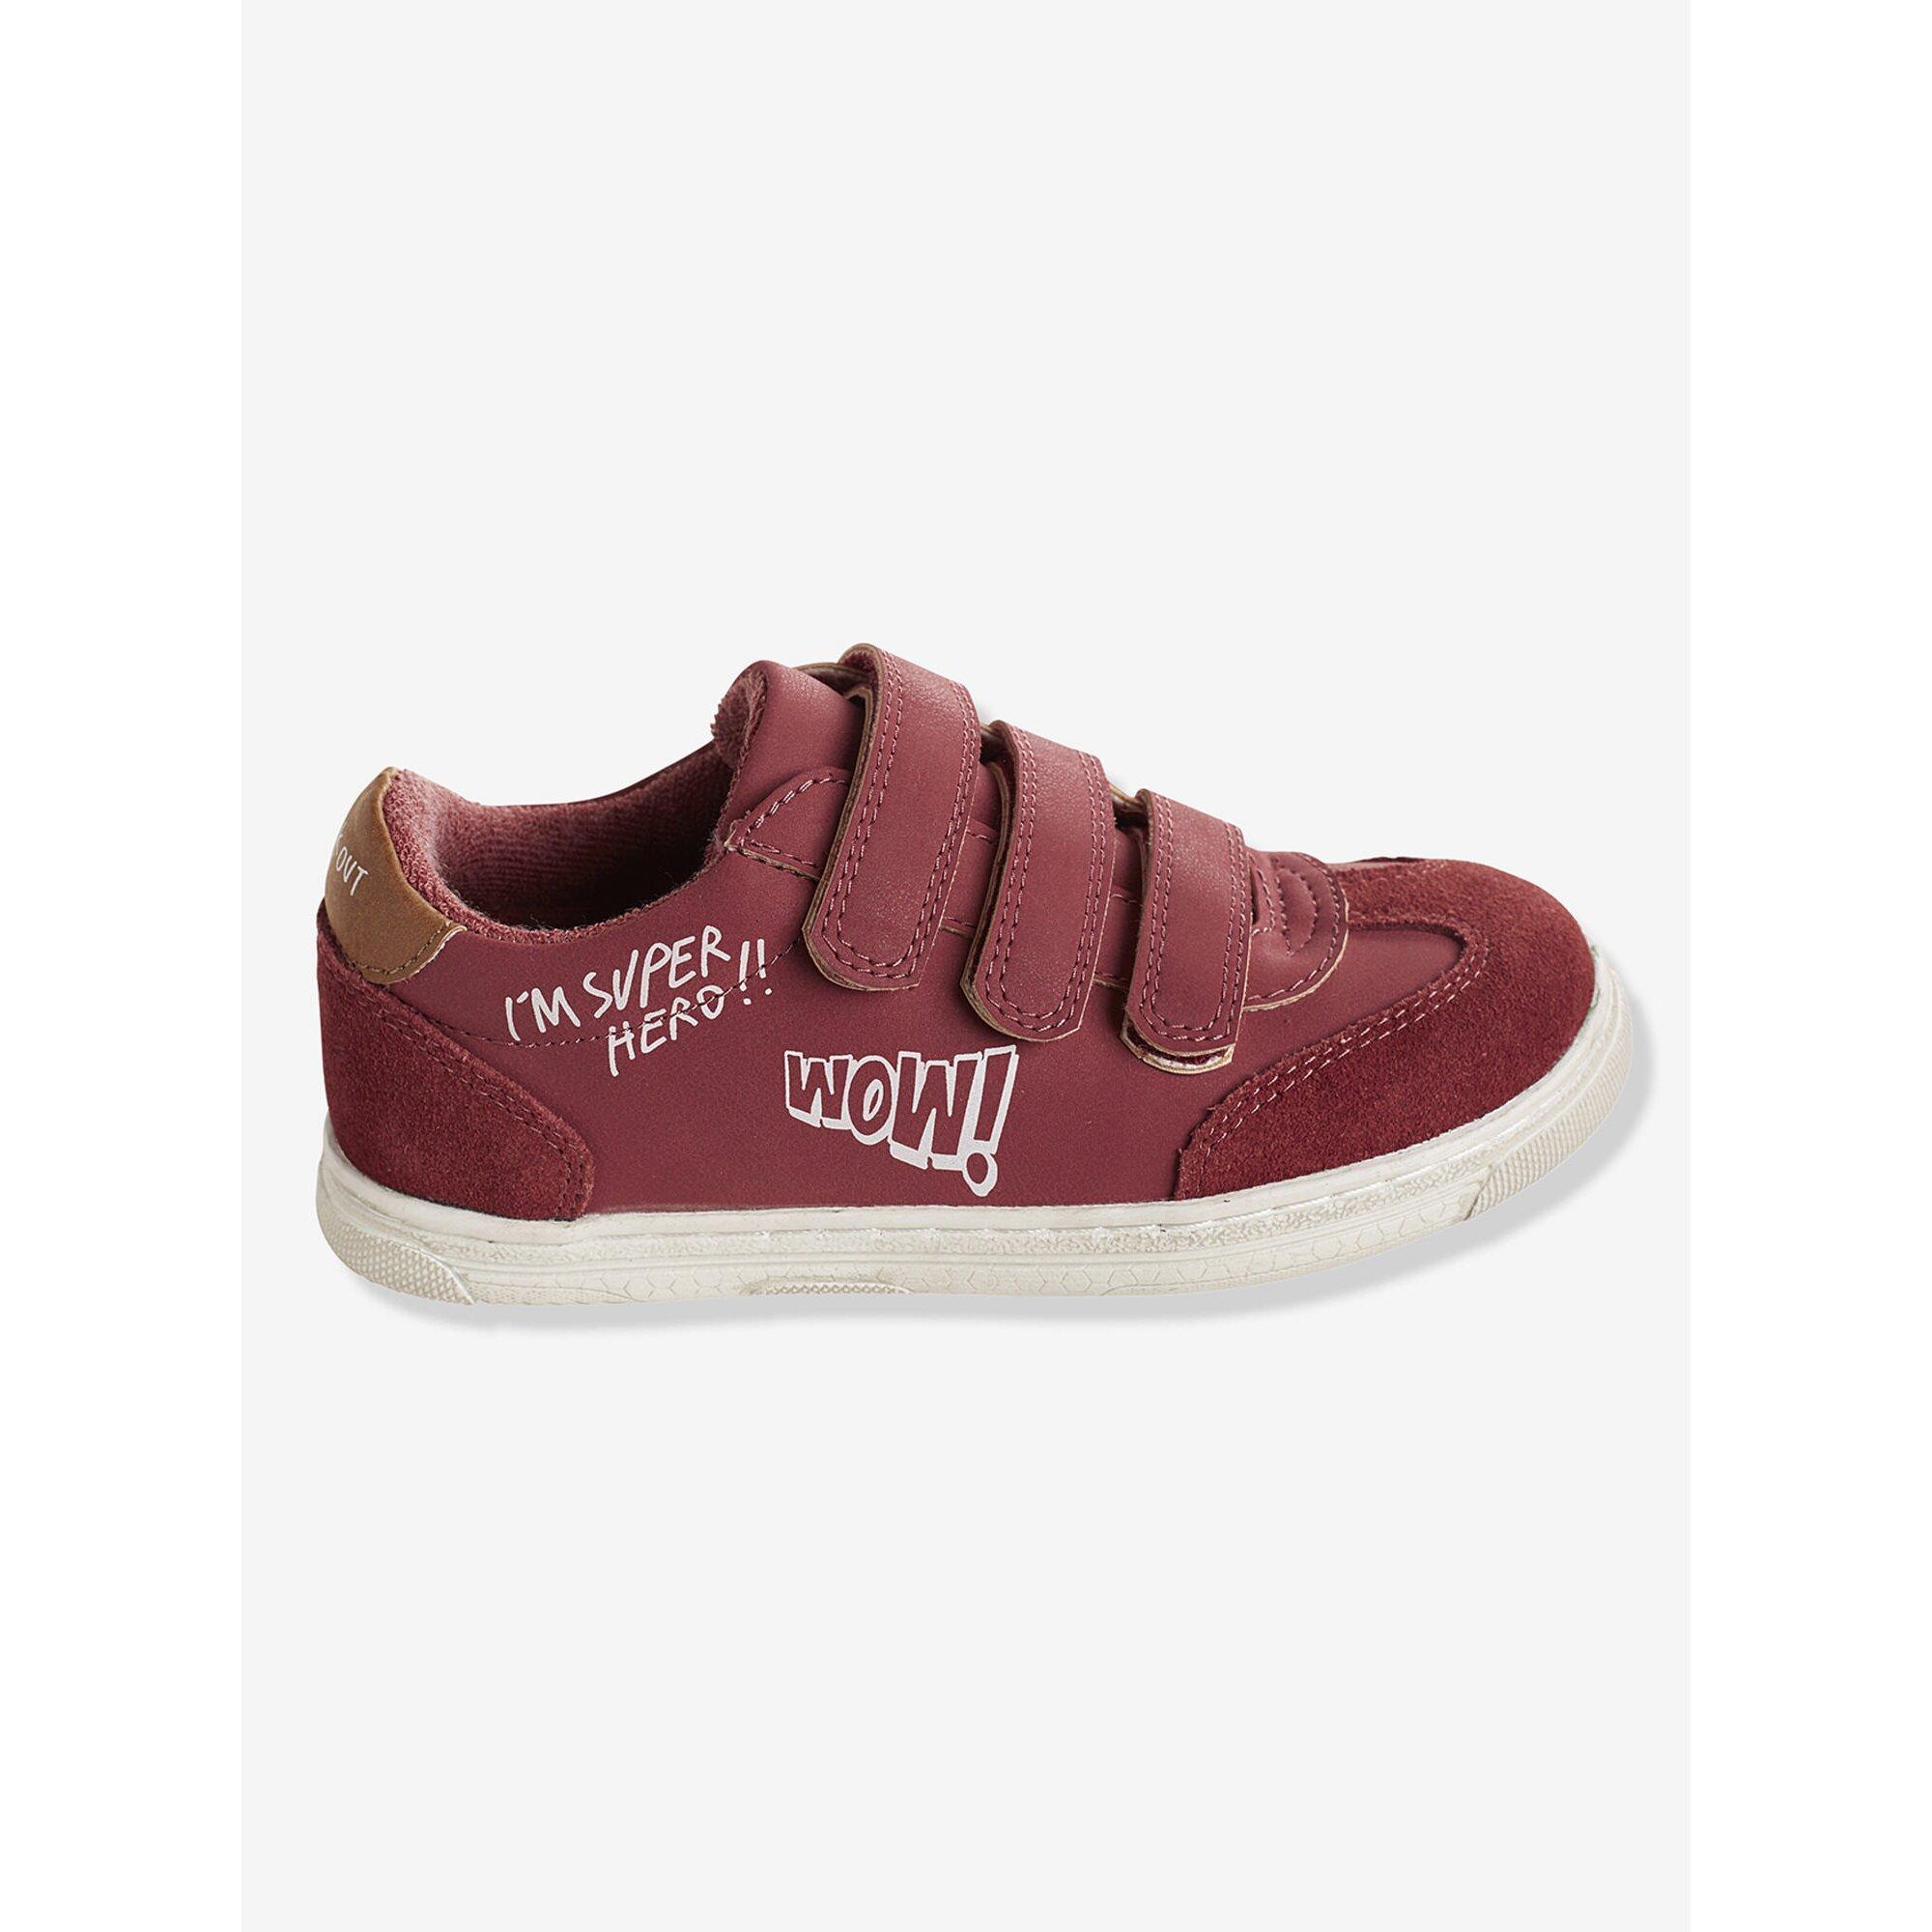 vertbaudet-sneakers-fur-kinder-klett, 23.24 EUR @ babywalz-de